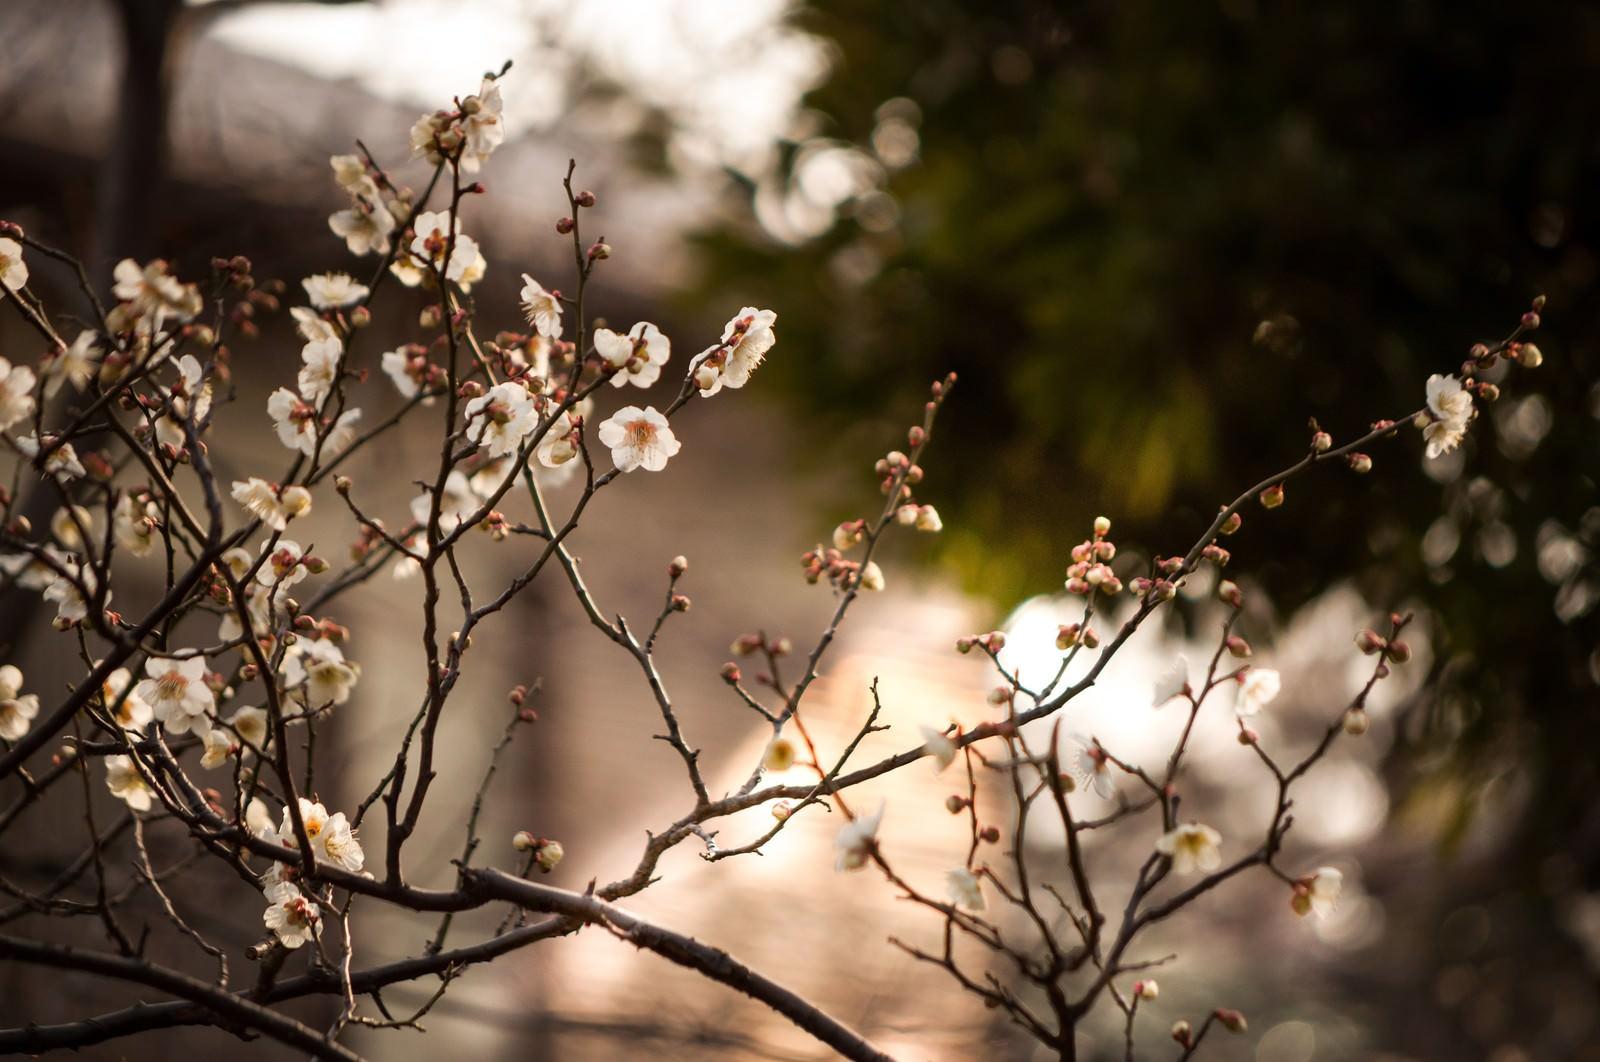 「夕暮れに染まる梅夕暮れに染まる梅」のフリー写真素材を拡大